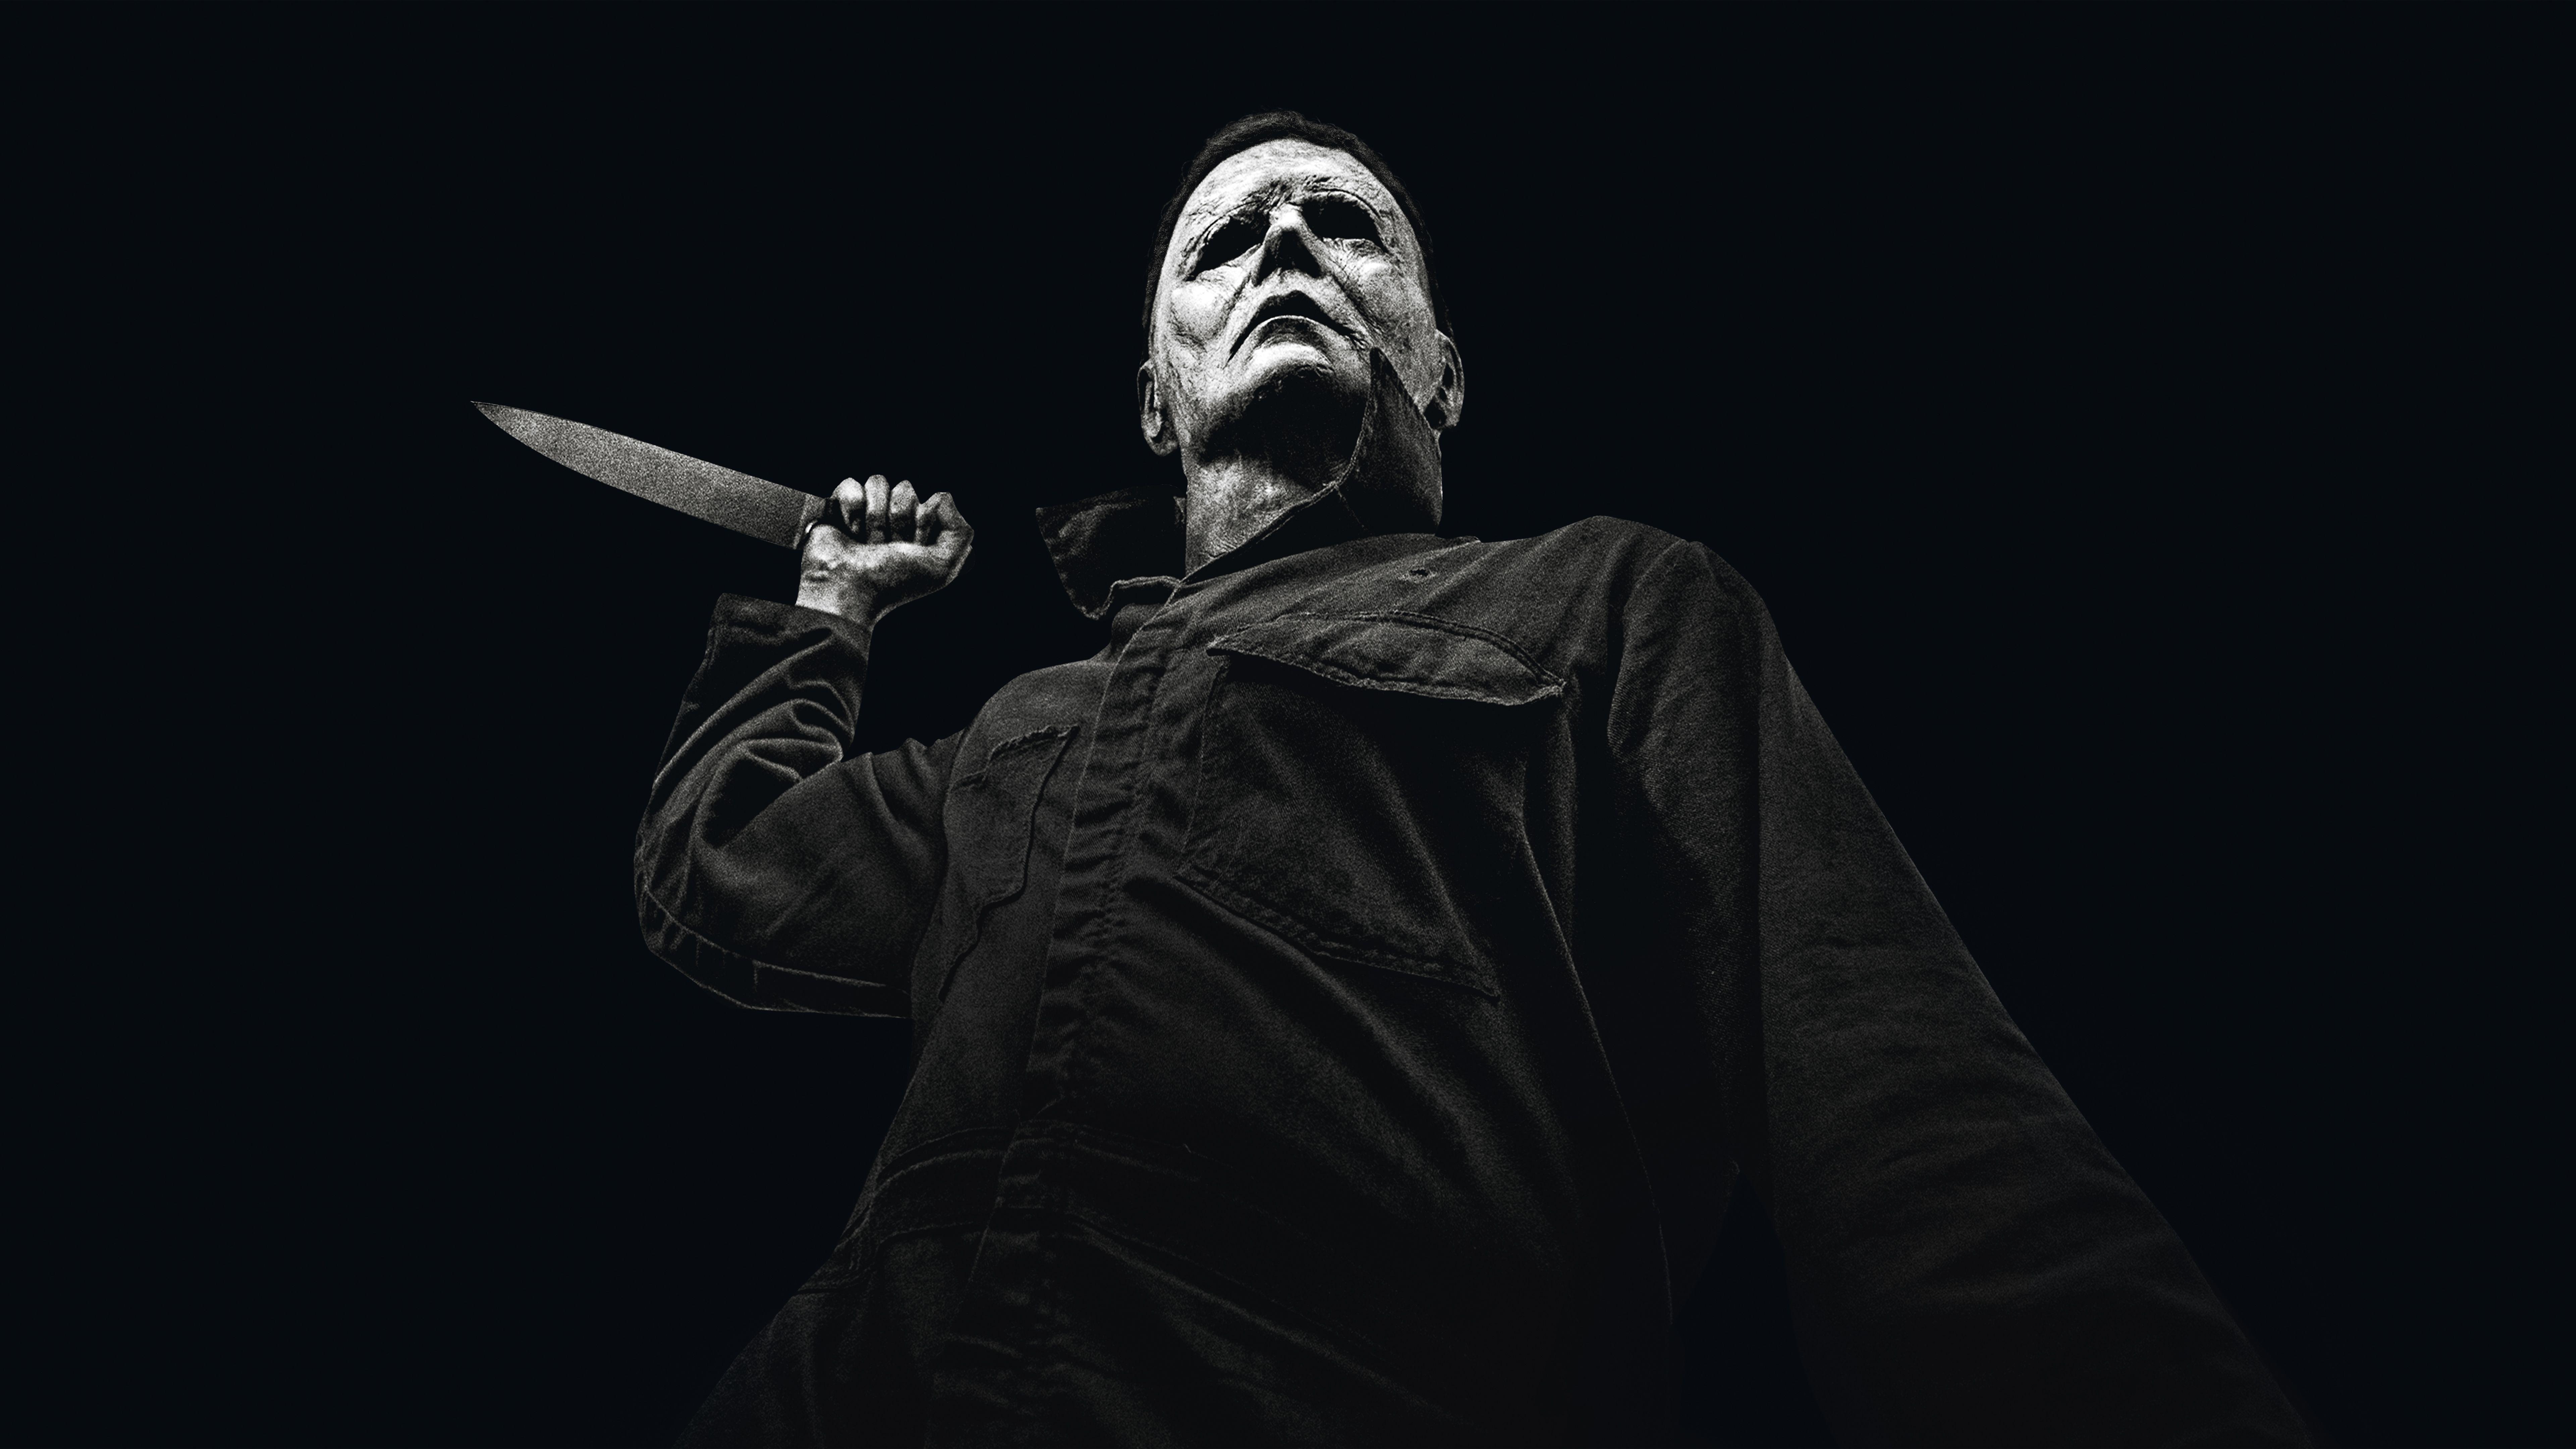 Halloween Movie 2018 4k Halloween Michael Myers Movies Michael Myers Michael Myers Movies